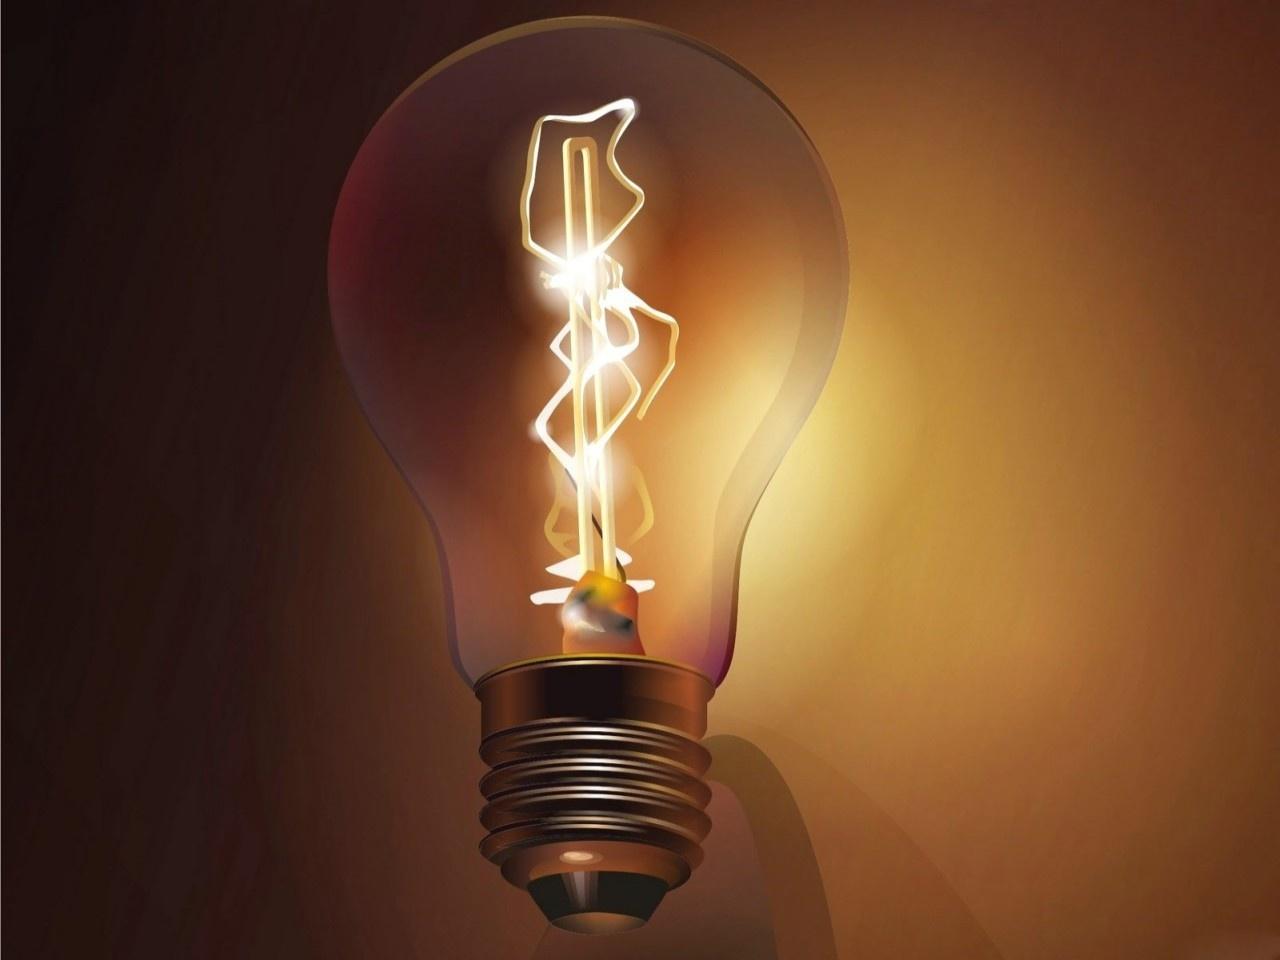 Lampadina A Incandescenza Storia accadde oggi: nel 1879 edison inventa la lampadina